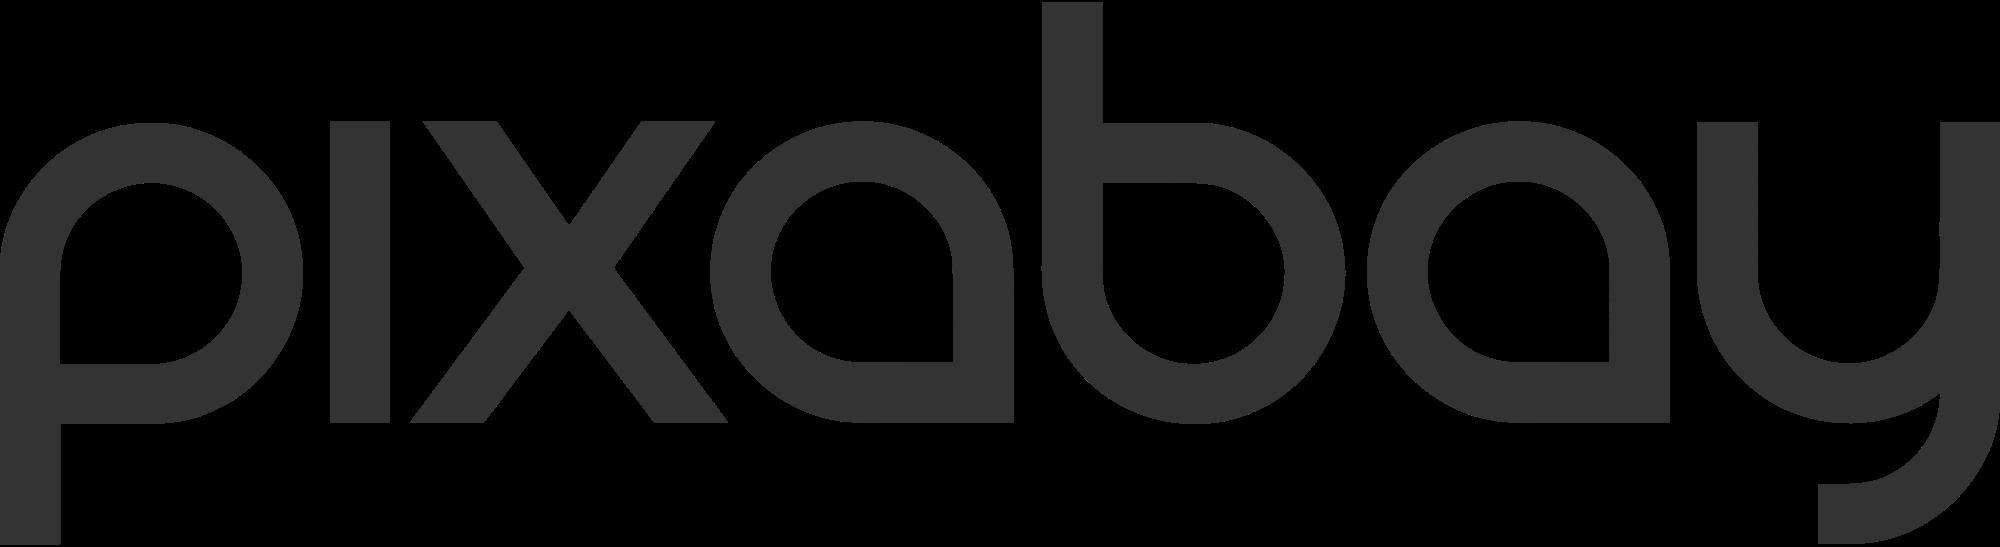 pixabay logo evelyn mc marketing